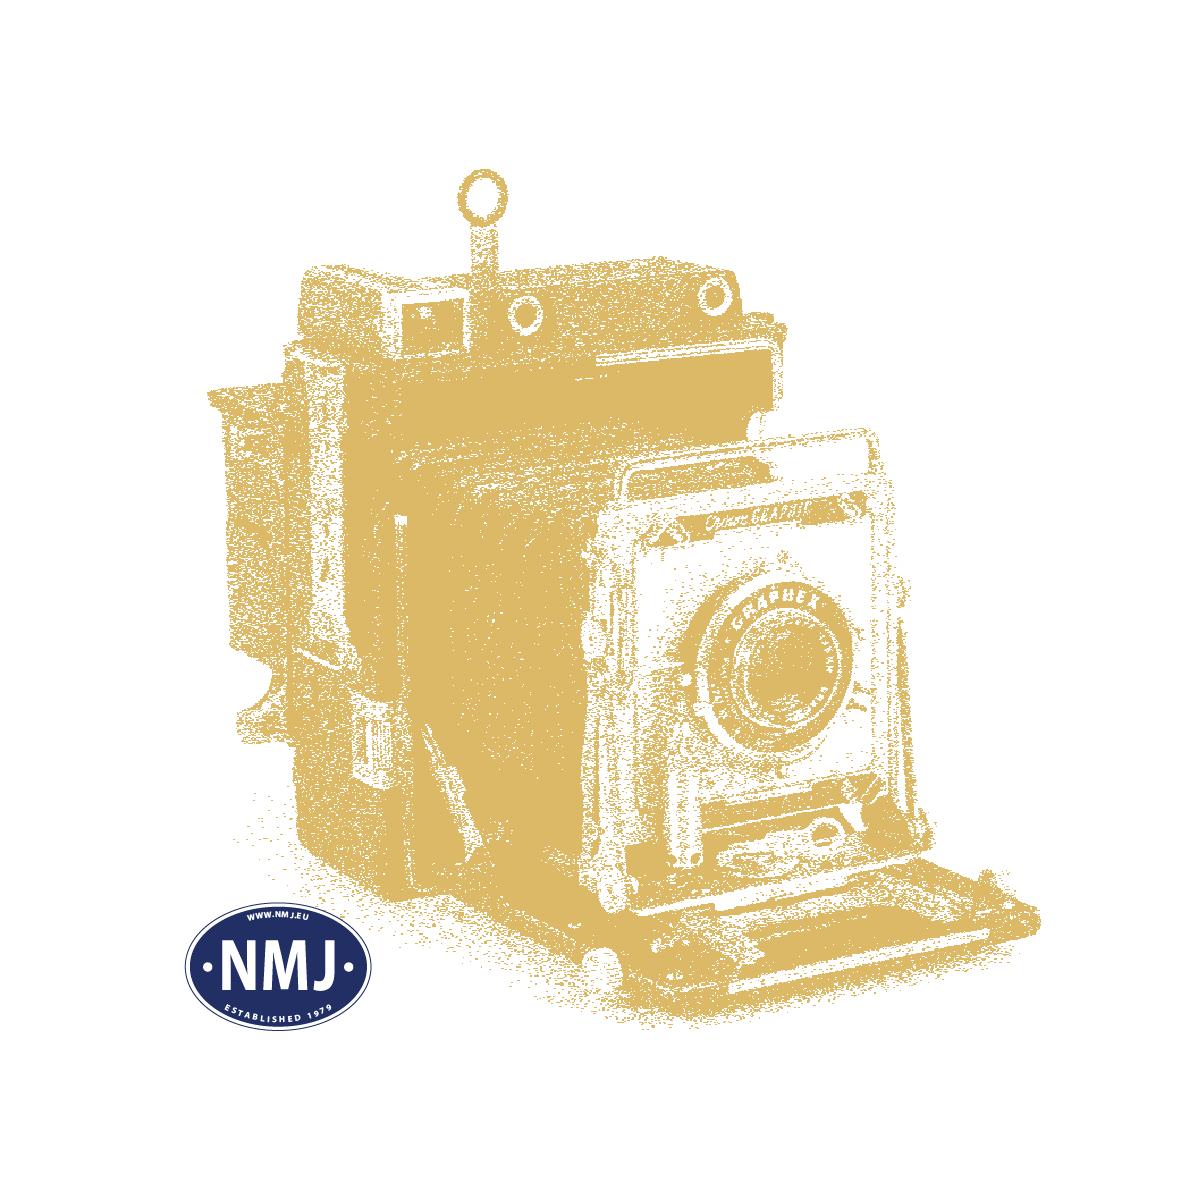 NOC36051 - Tømrere med tilbehør, 5stk, N-Skala